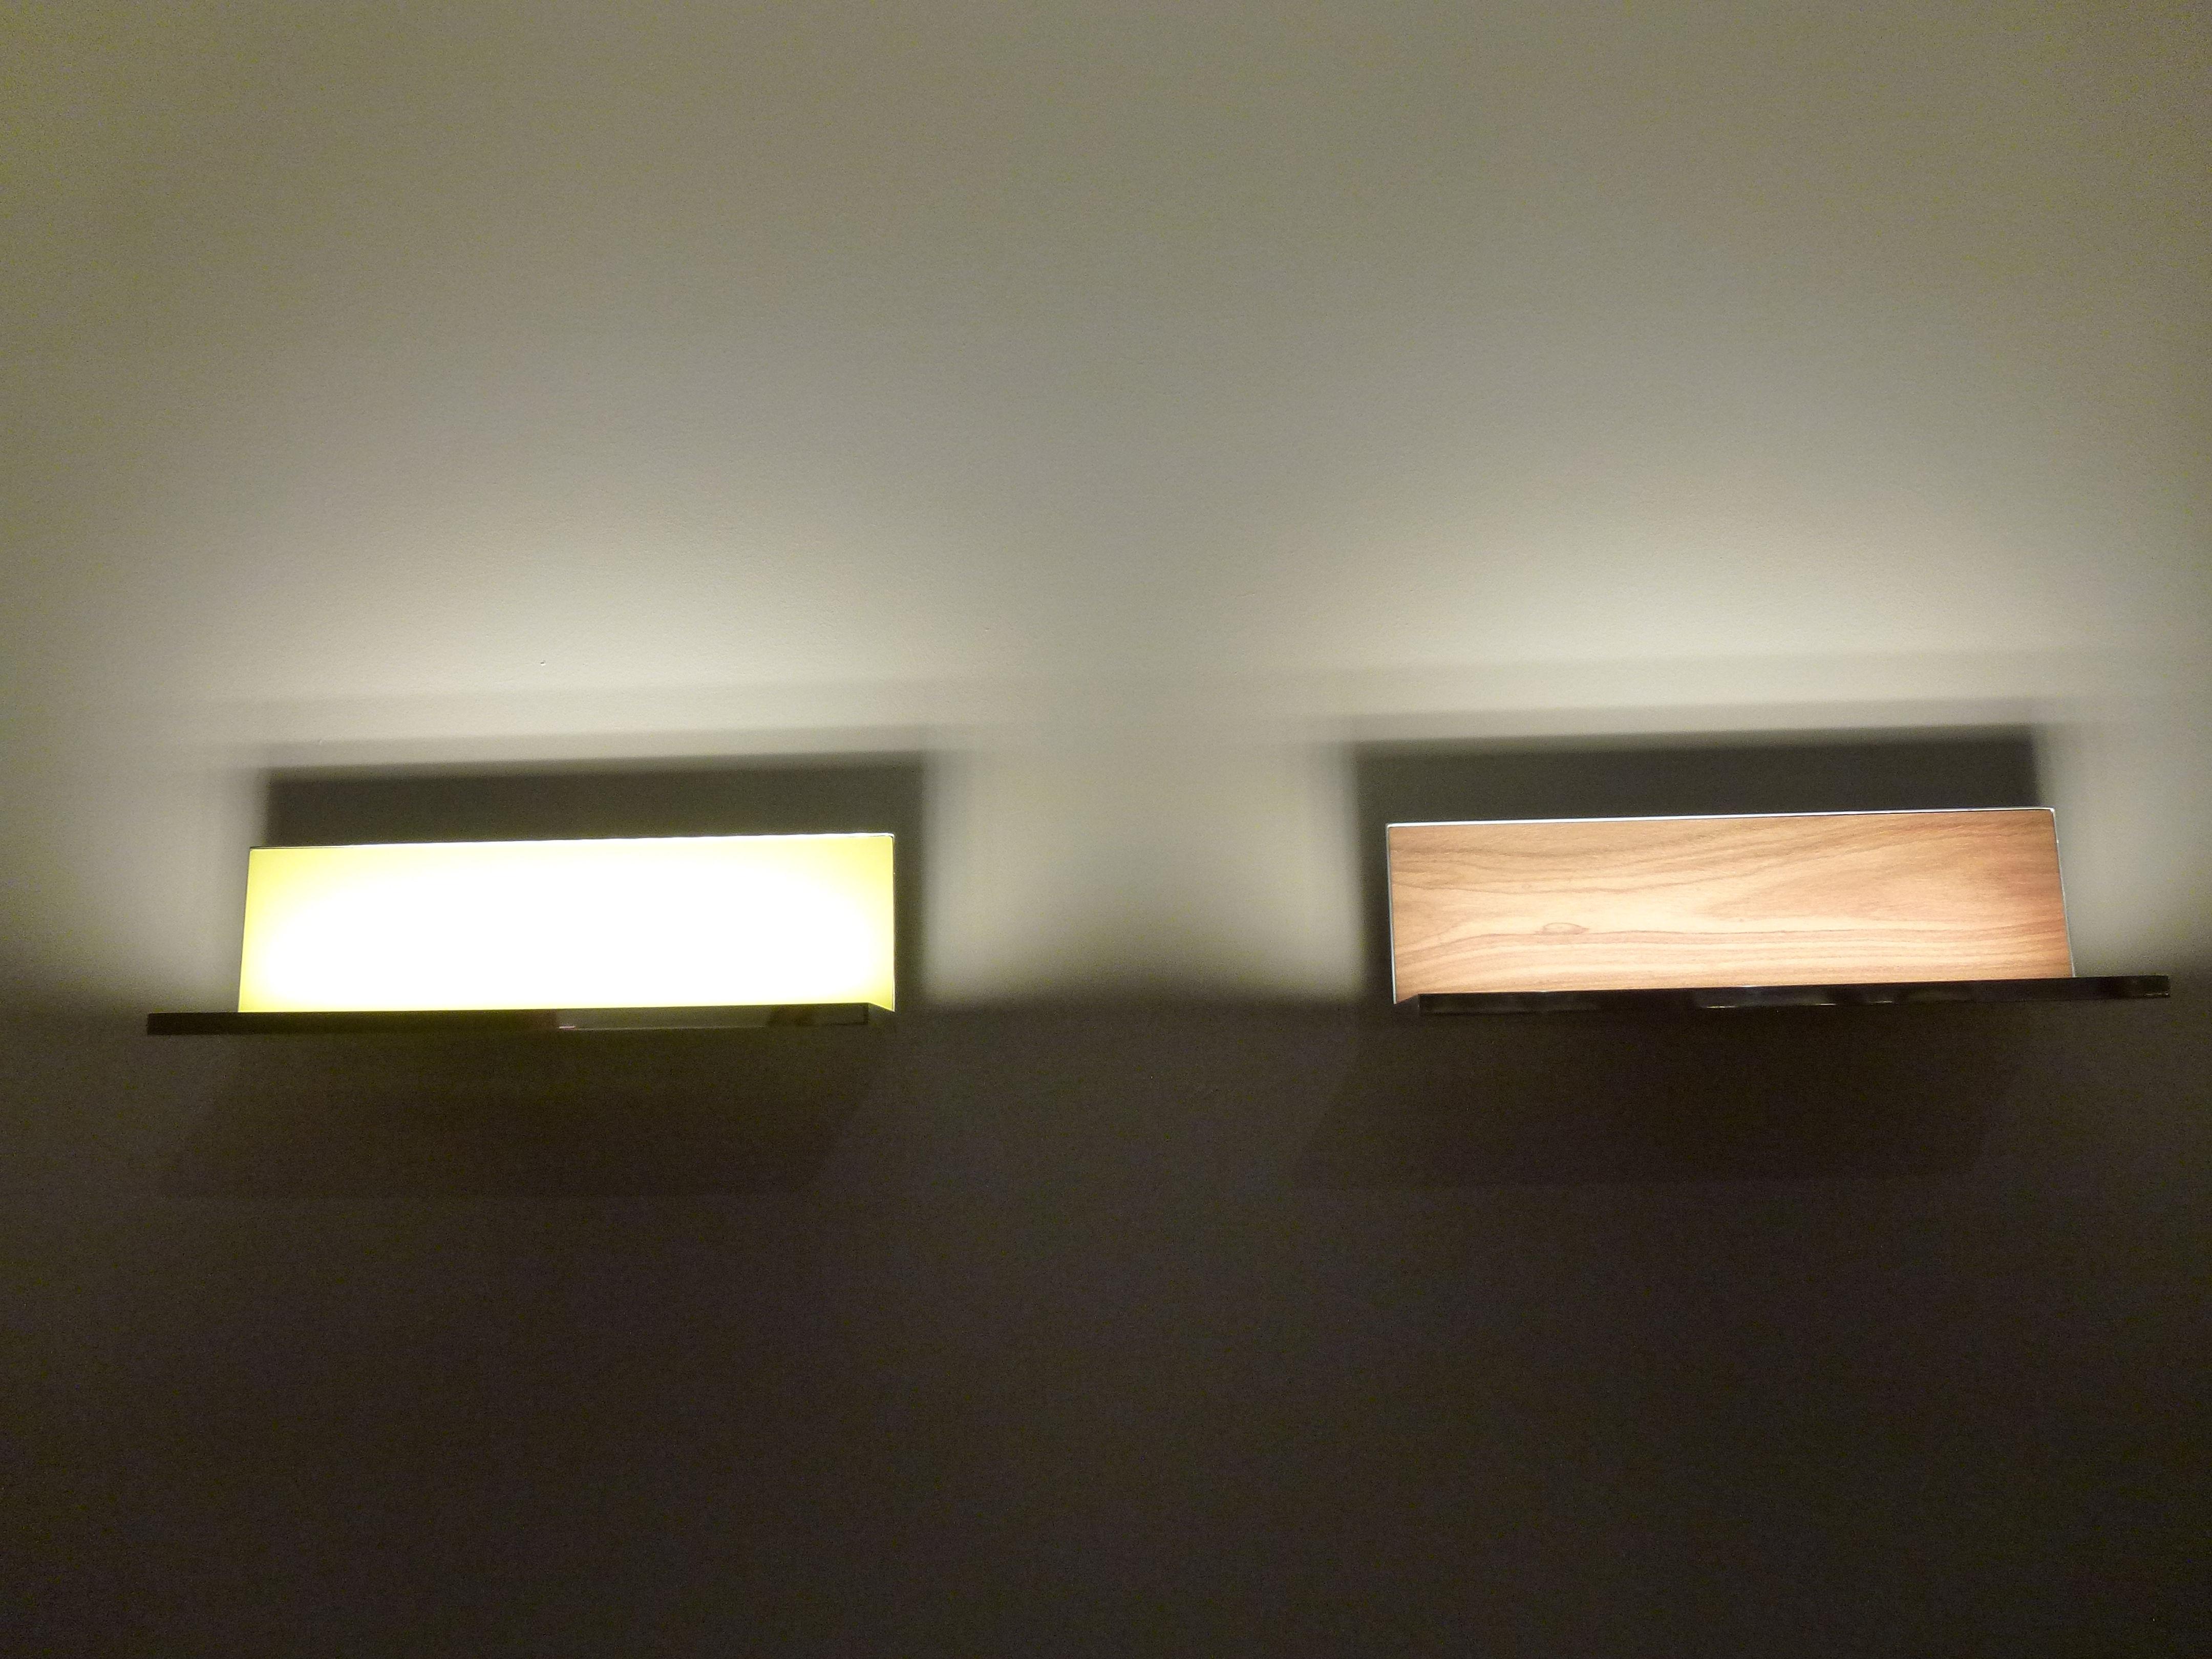 Lampada flos vintage: lampade vintage stilnovo cromato artemide